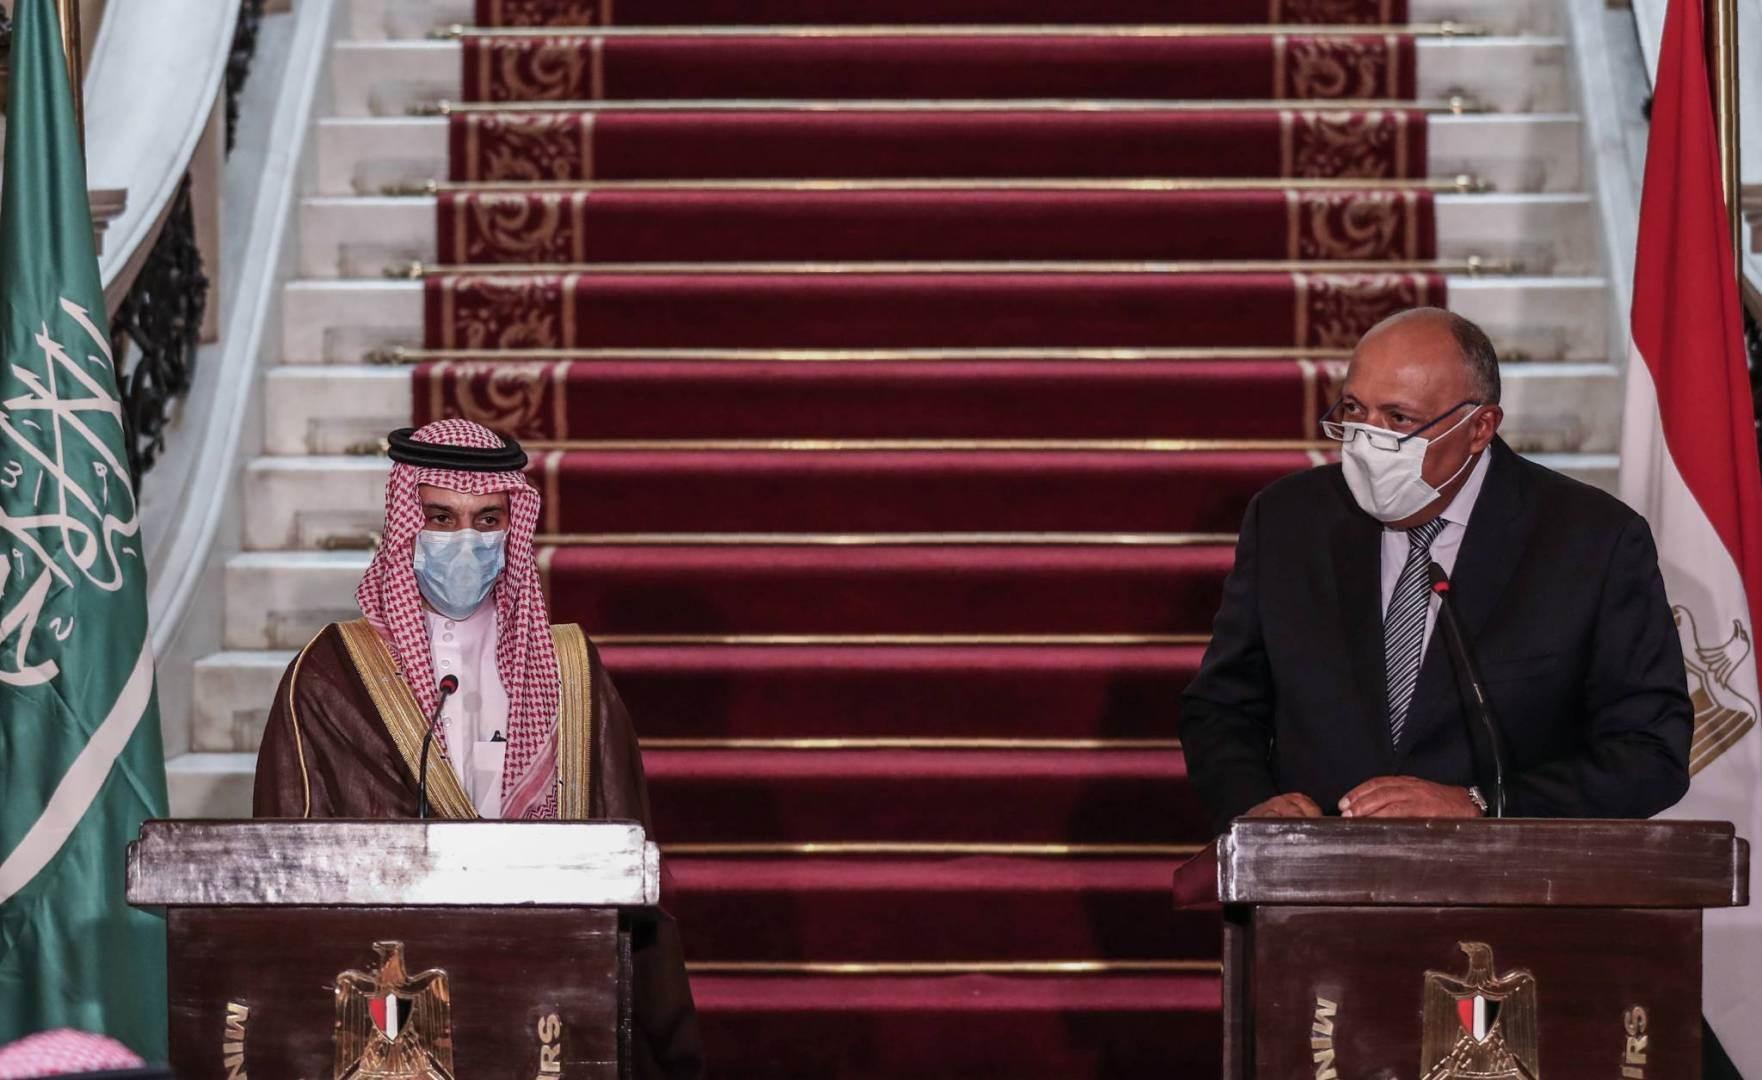 الخارجية السعودية تؤكد على موقف المملكة الثابت من أهمية الأمن الوطني المصري وإبعاد ليبيا عن التدخلات الأجنبية